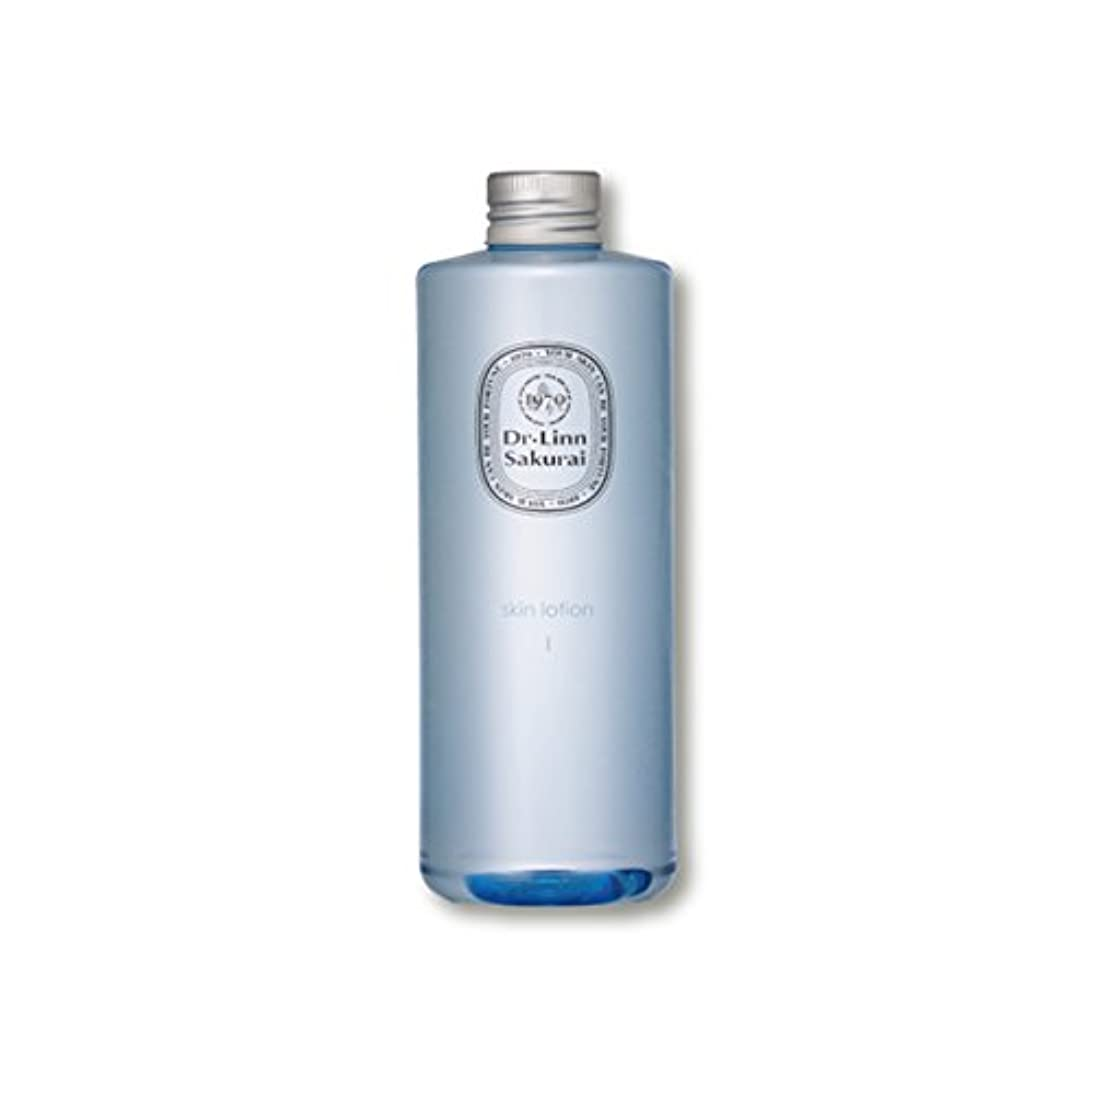 トムオードリース反響するラジウムドクターリンサクライ スキンローションI さっぱりタイプ 300ml  (化粧水)